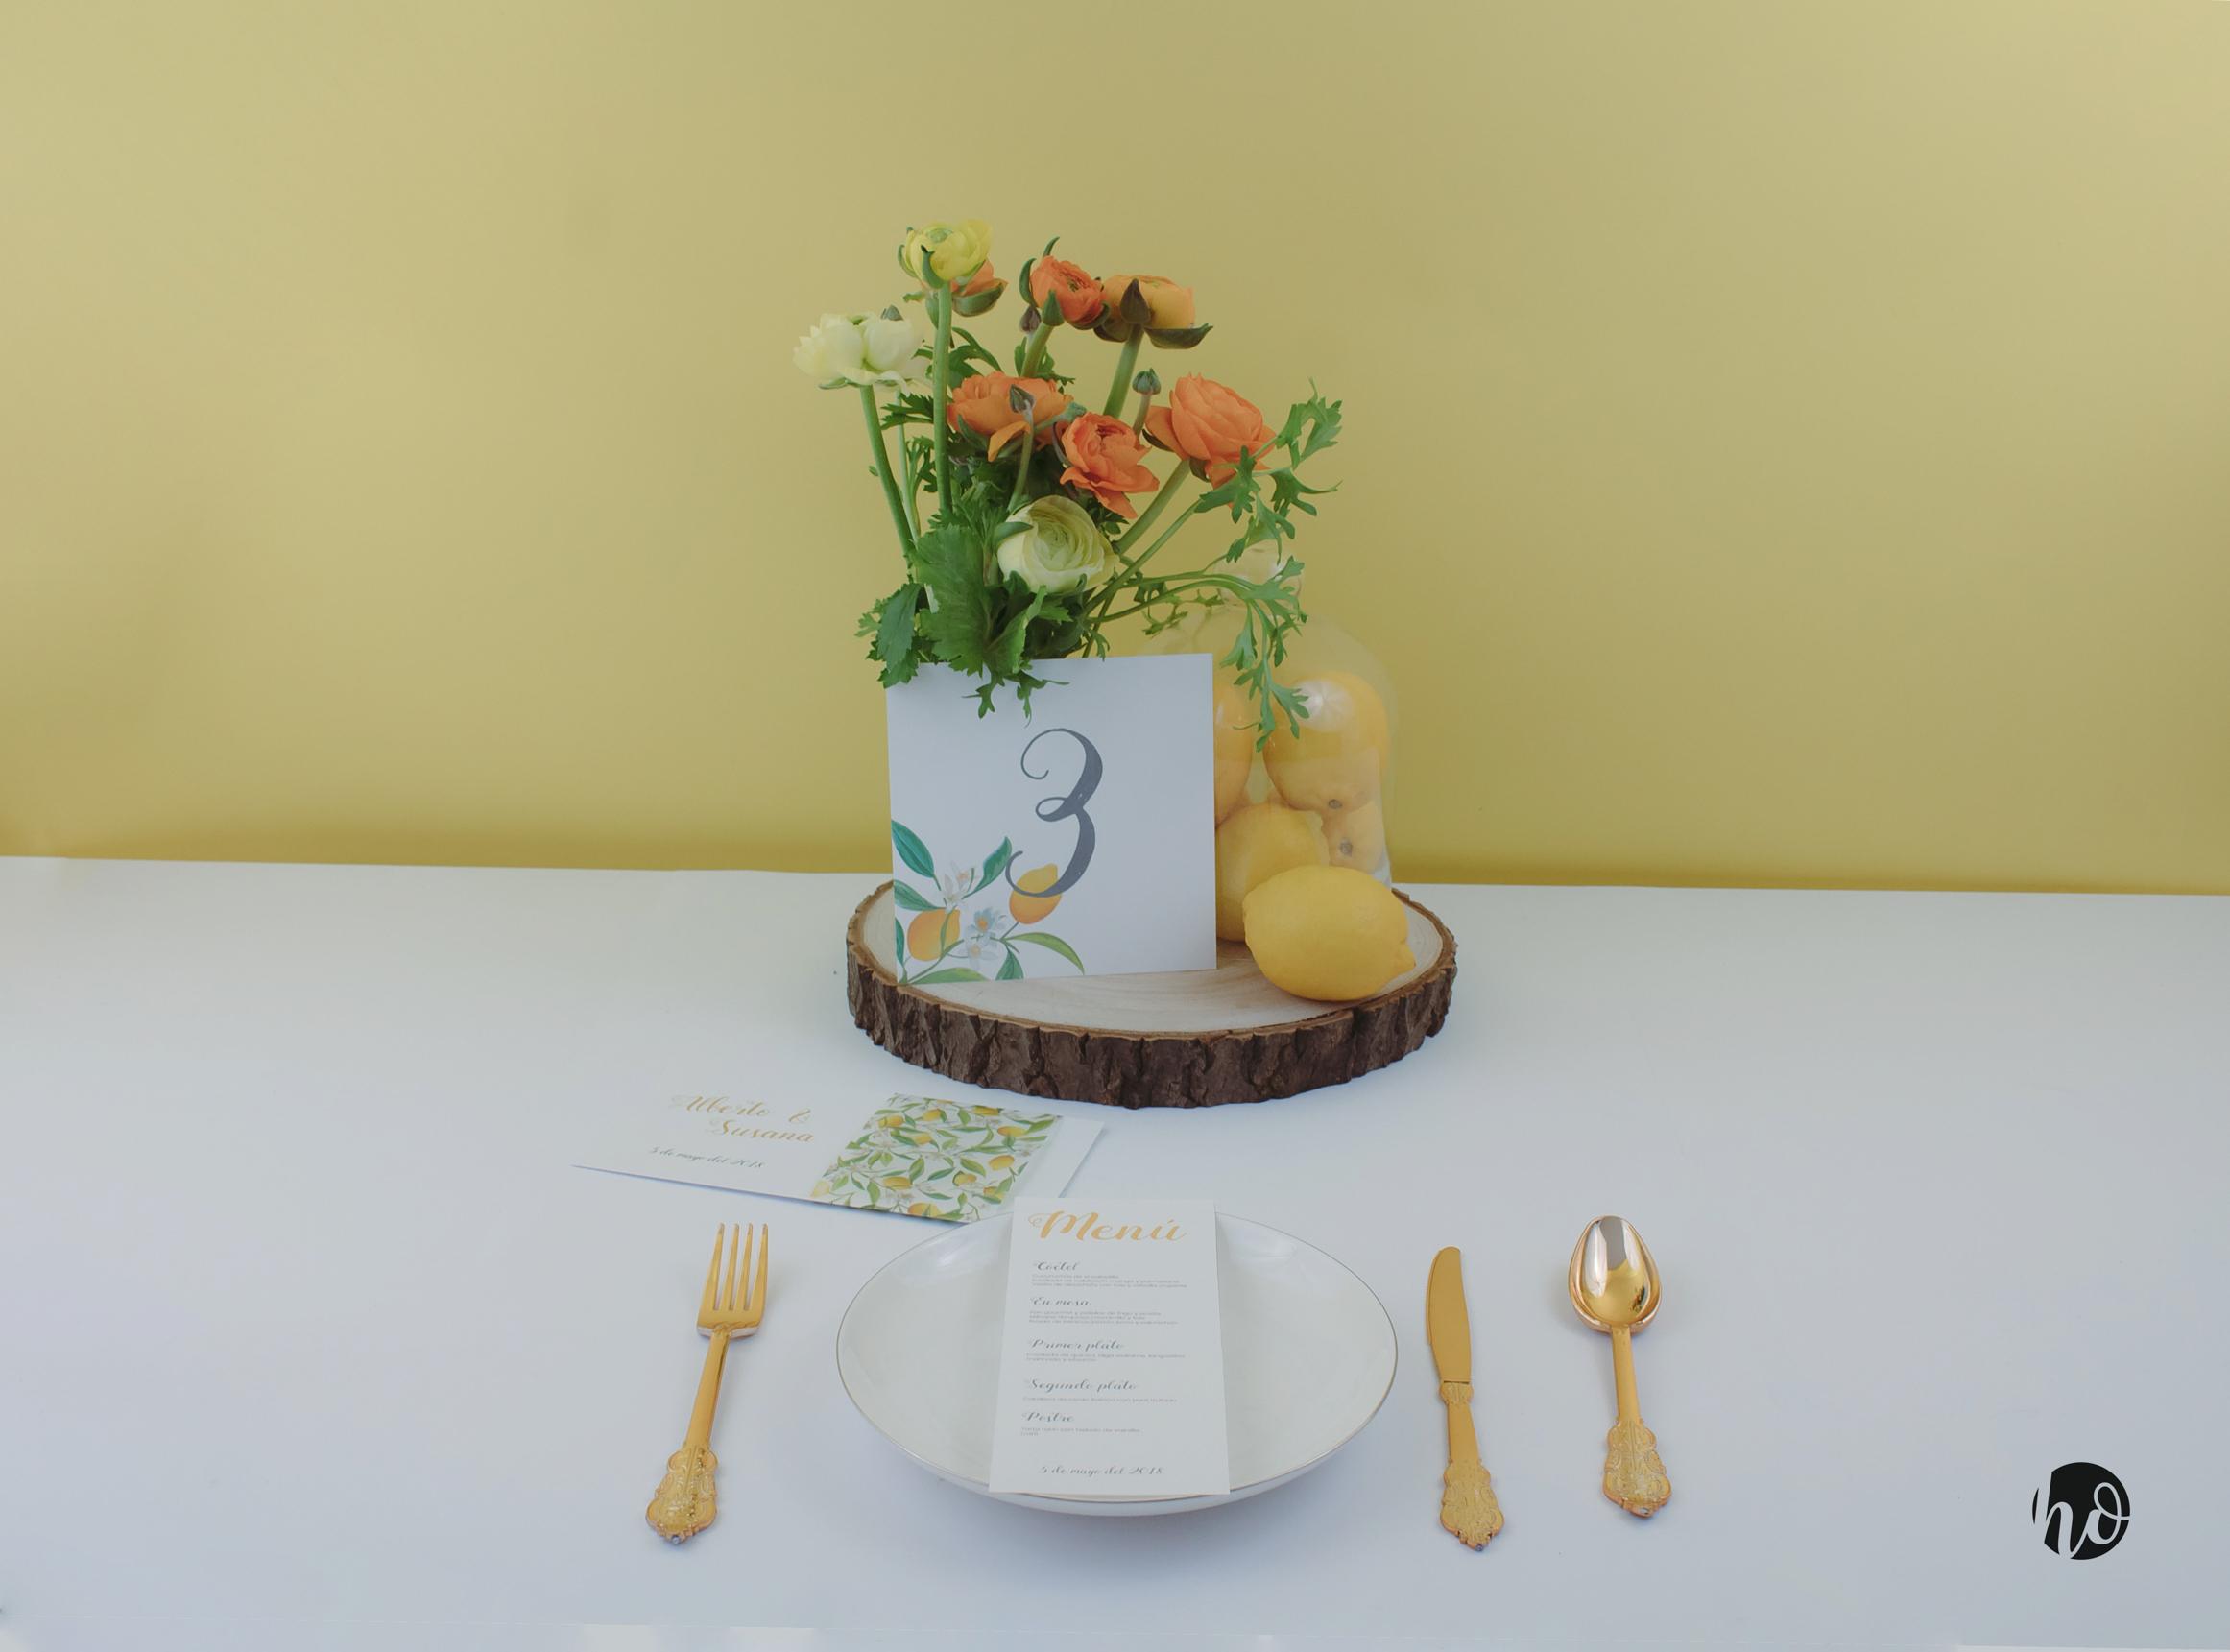 5 ideas de centros de mesas para bodas - Centros de mesa con limones ...